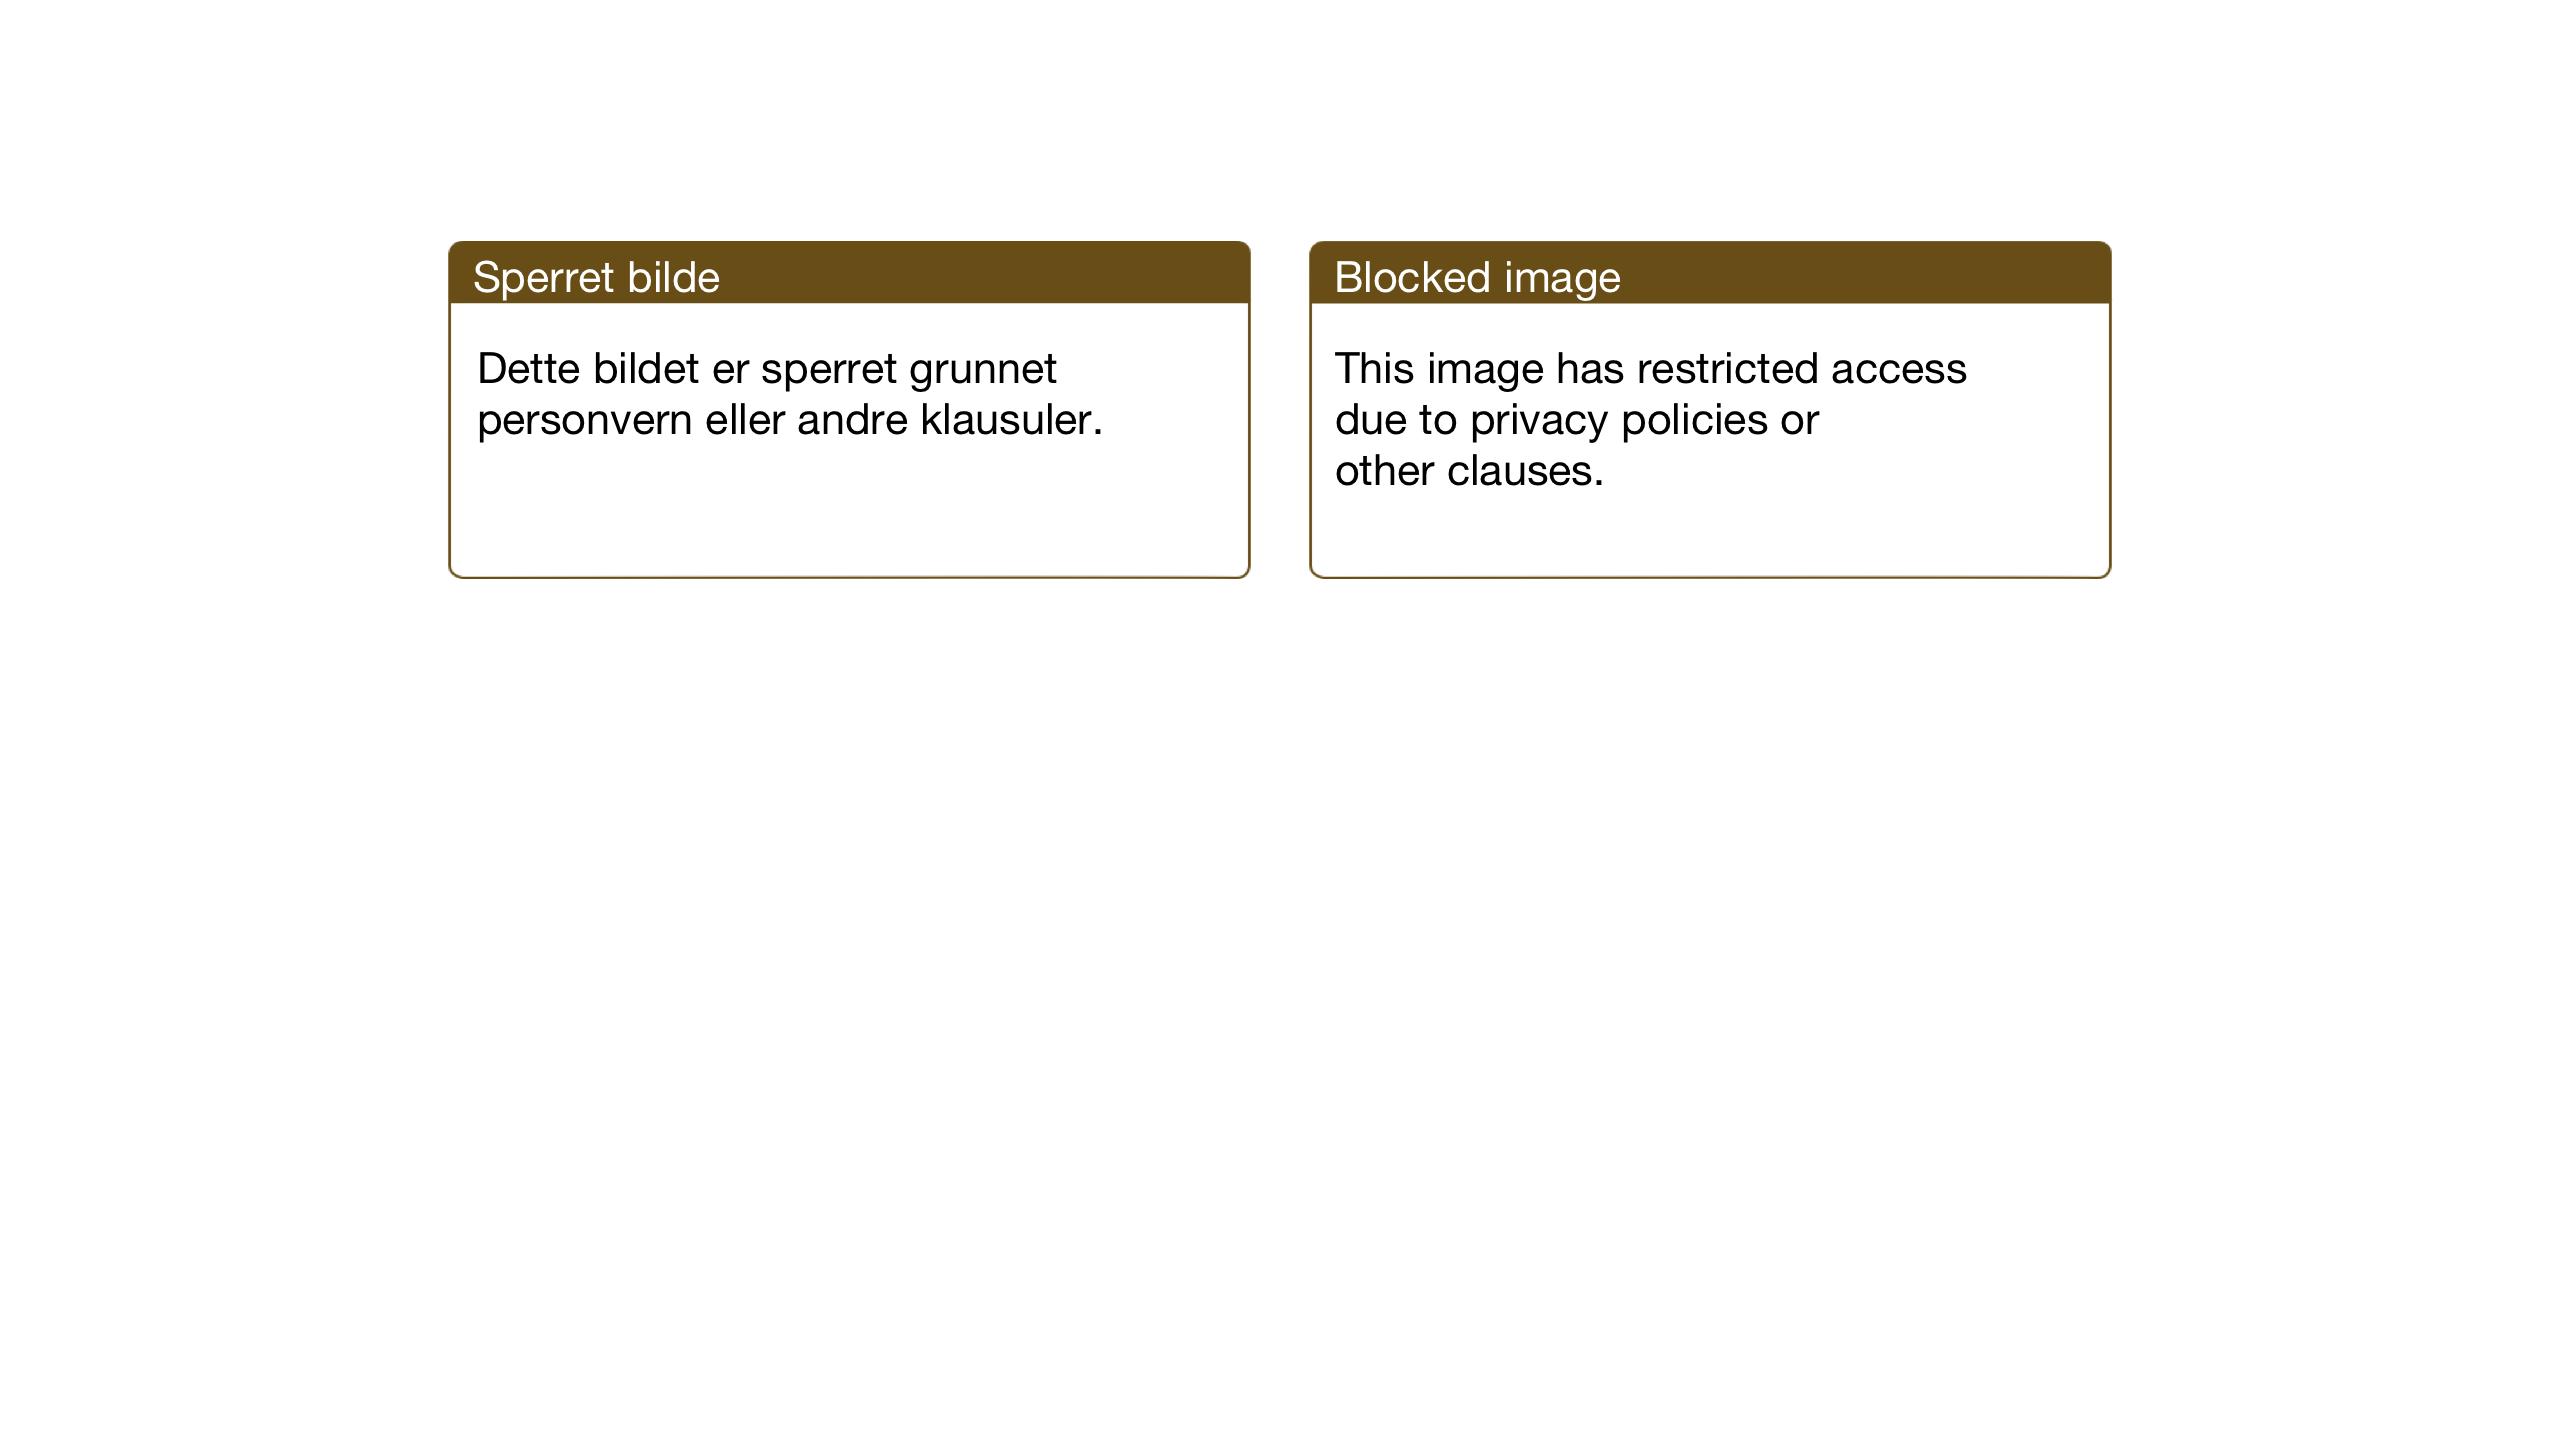 SAT, Ministerialprotokoller, klokkerbøker og fødselsregistre - Sør-Trøndelag, 667/L0799: Klokkerbok nr. 667C04, 1929-1950, s. 12